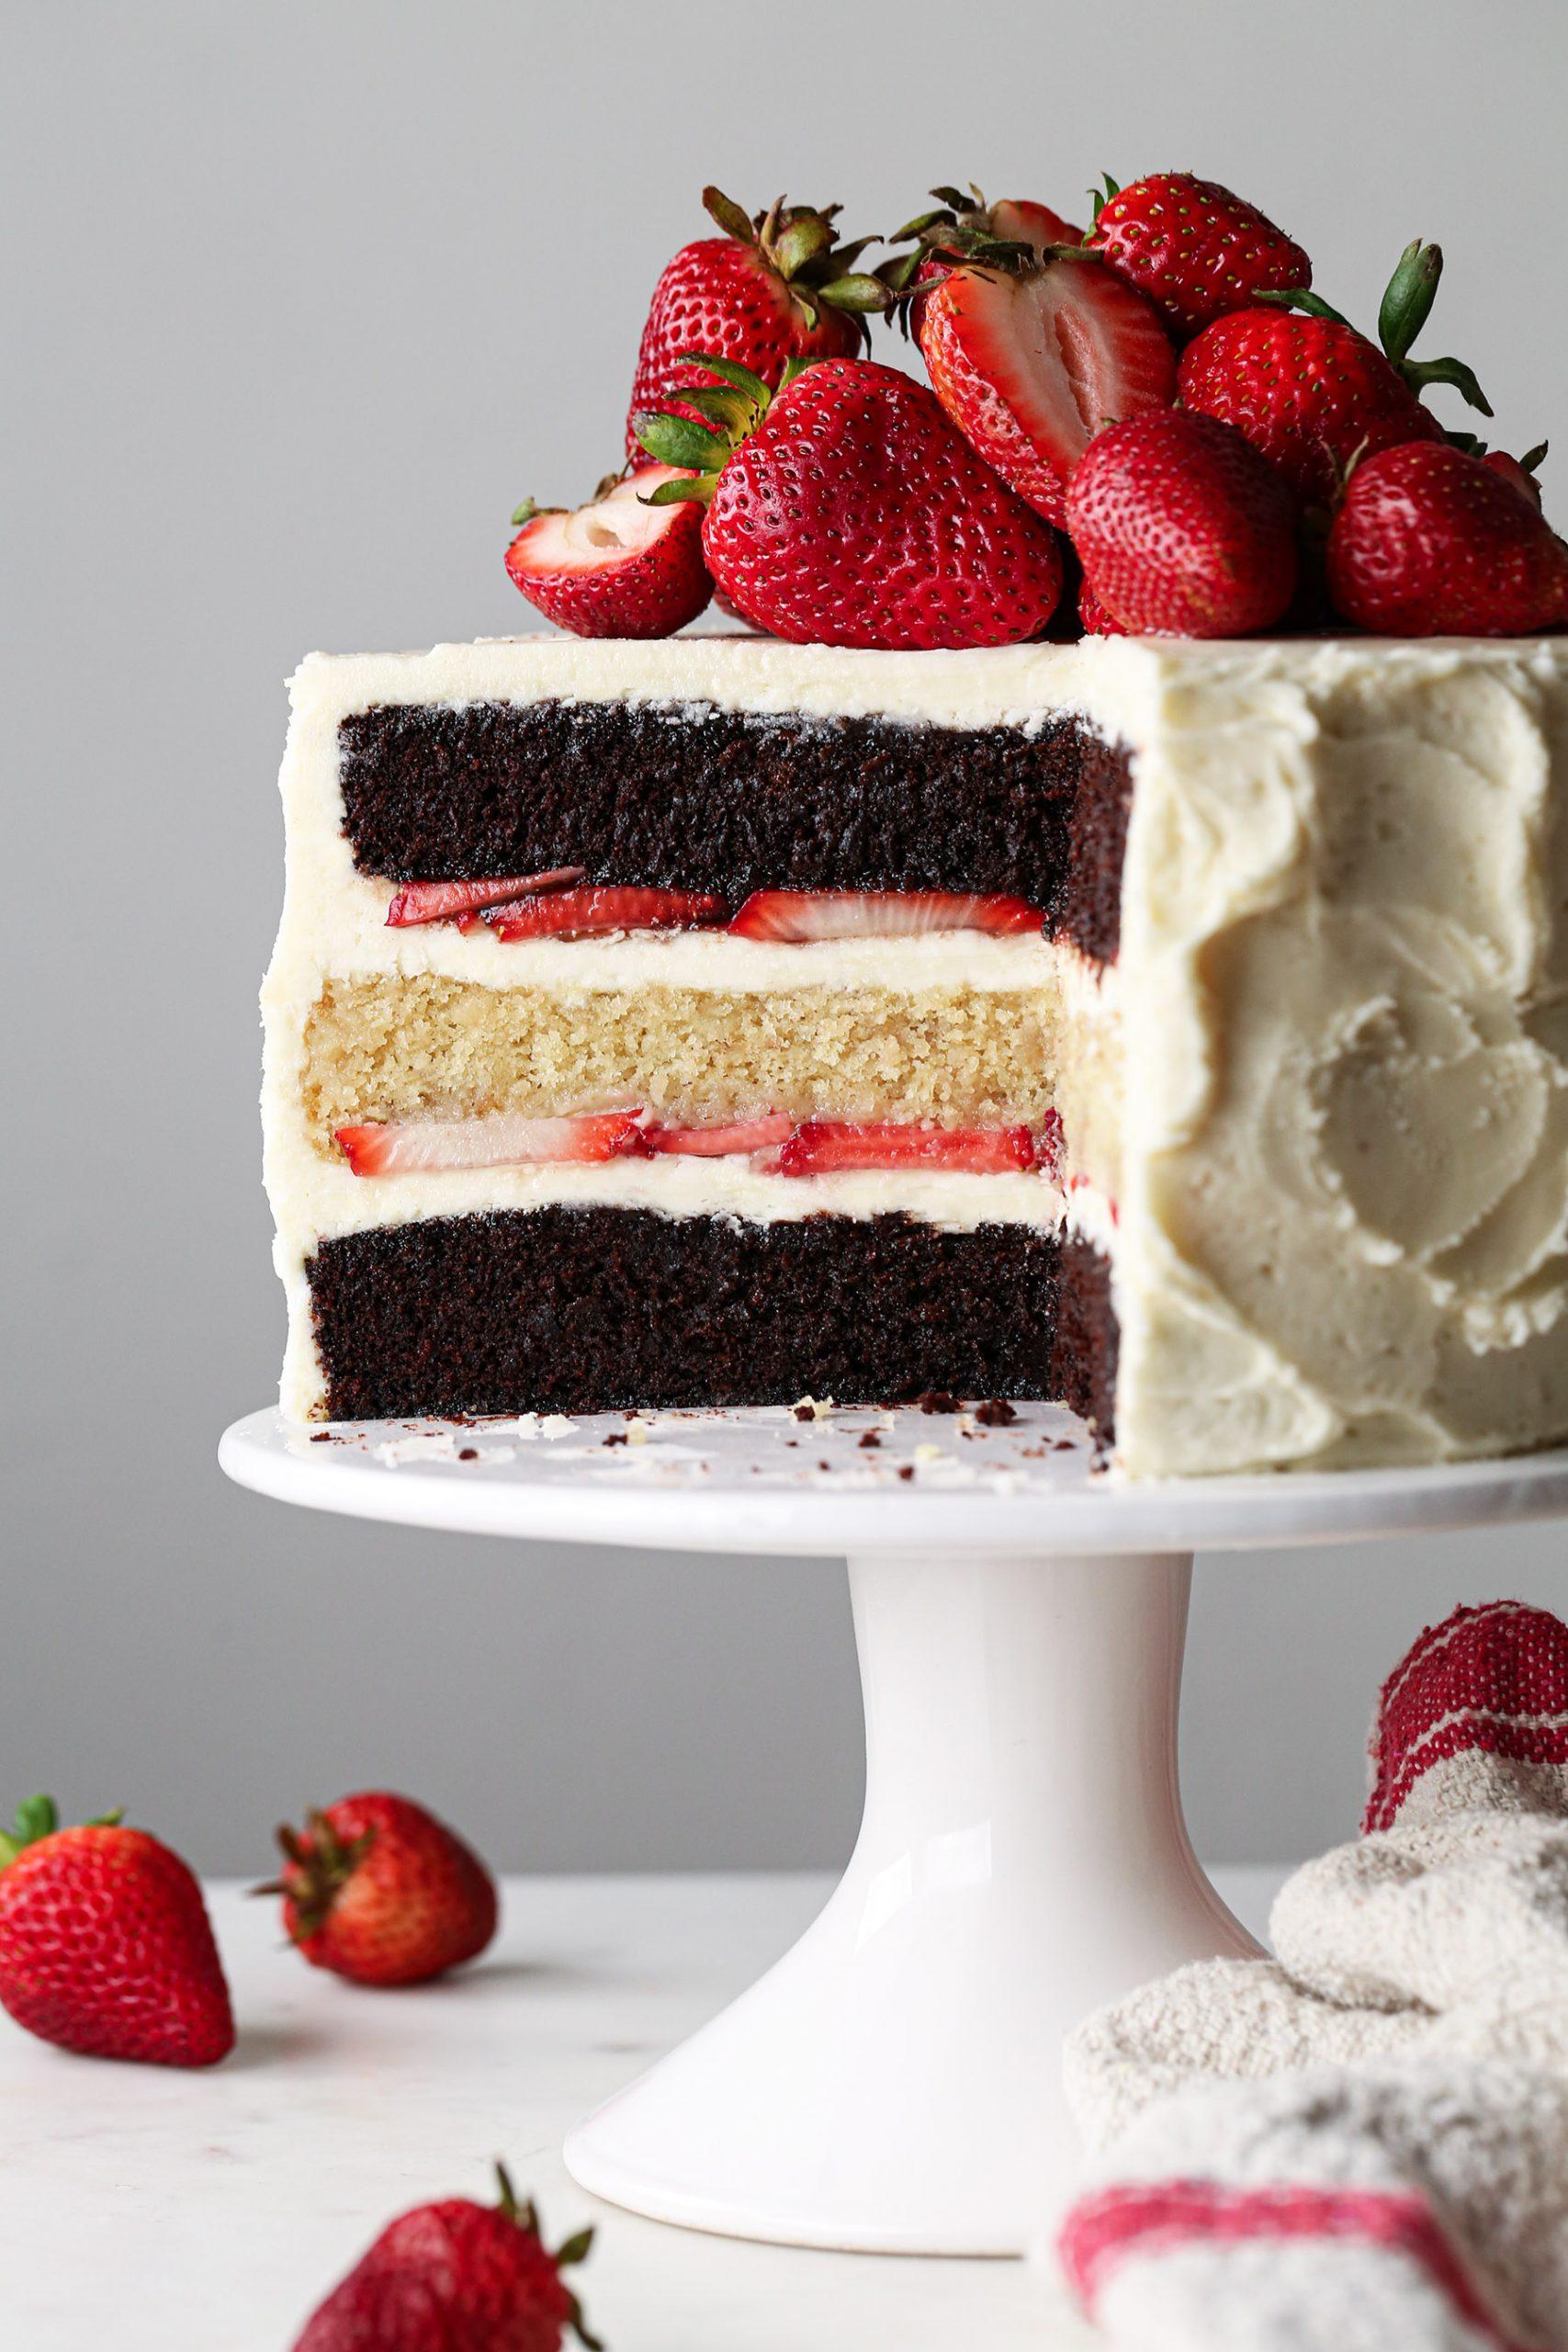 Neapolitan Cake | Chocolate and vanilla cake layered with fresh strawberries and vanilla buttercream